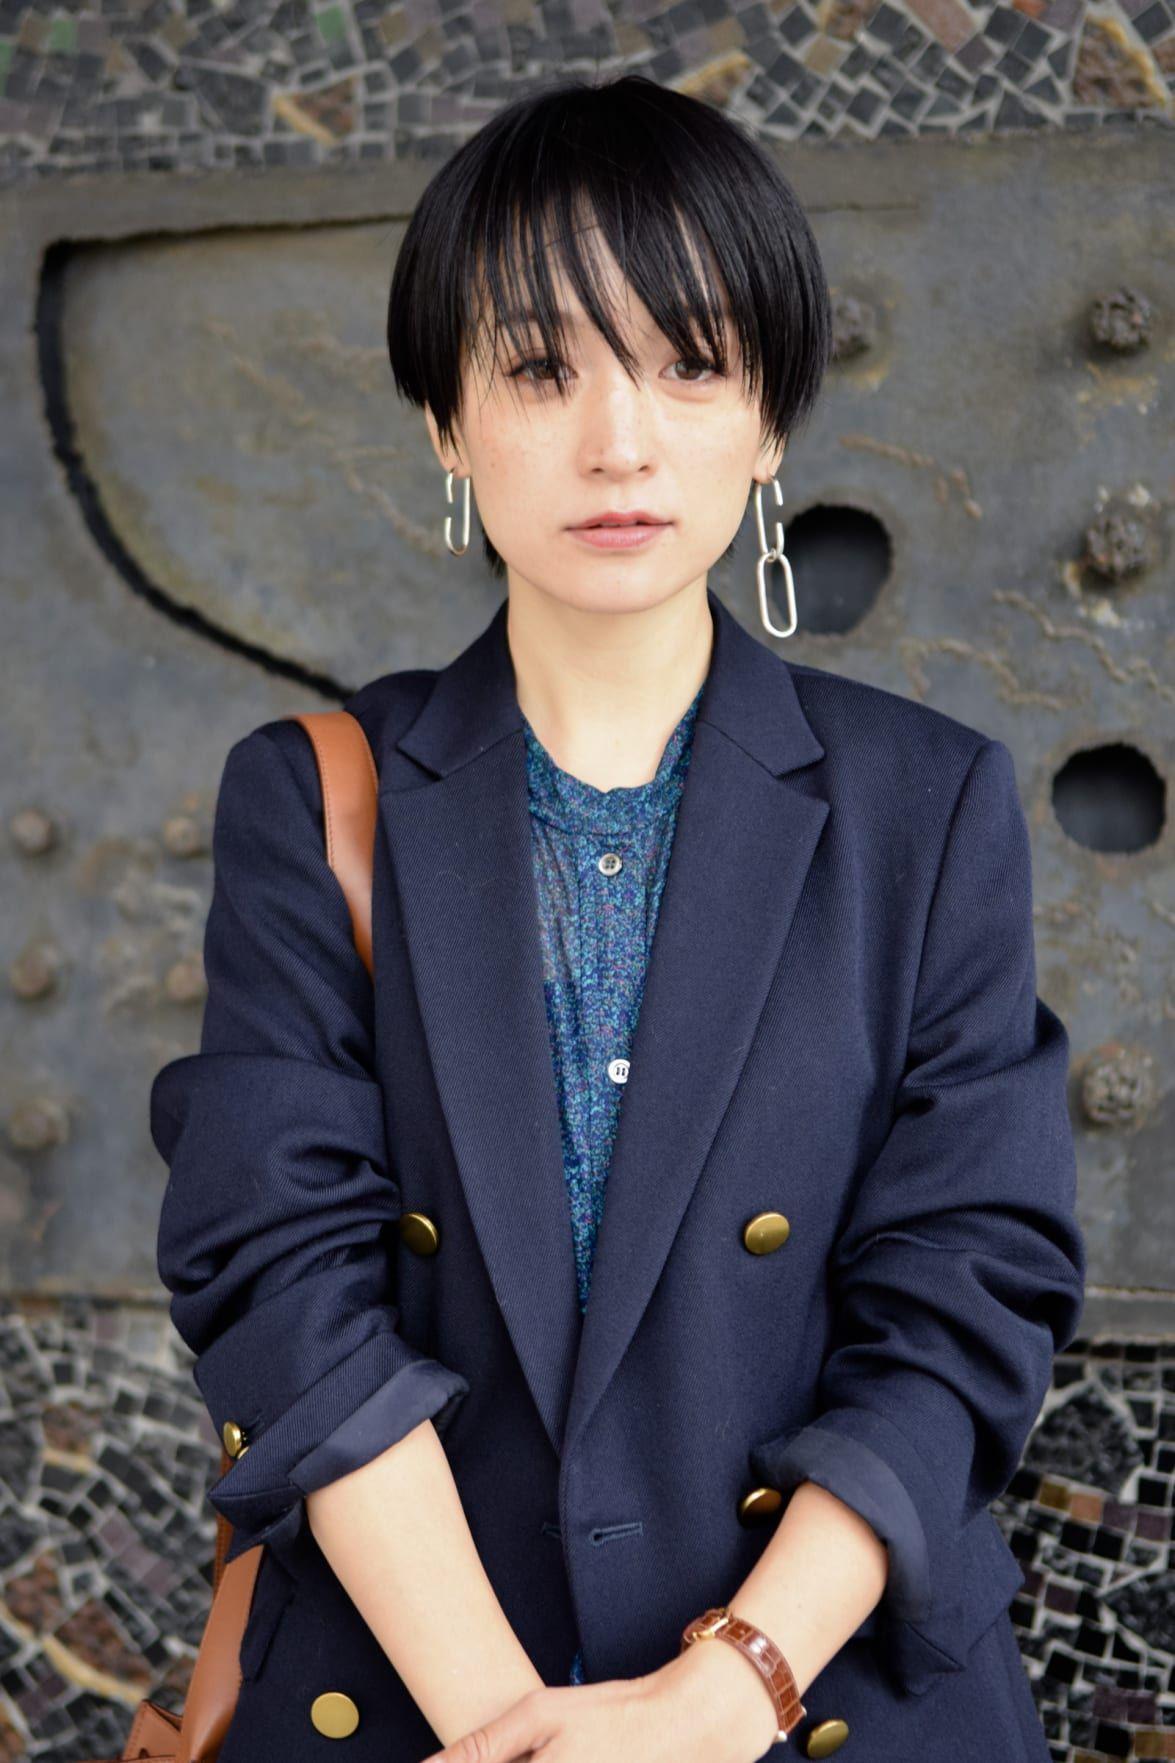 Street Style 高山 都さん 2018年11月25日撮影 Fashionsnap Com ショートのヘアスタイル 女性のヘアスタイル 秋冬 ファッション